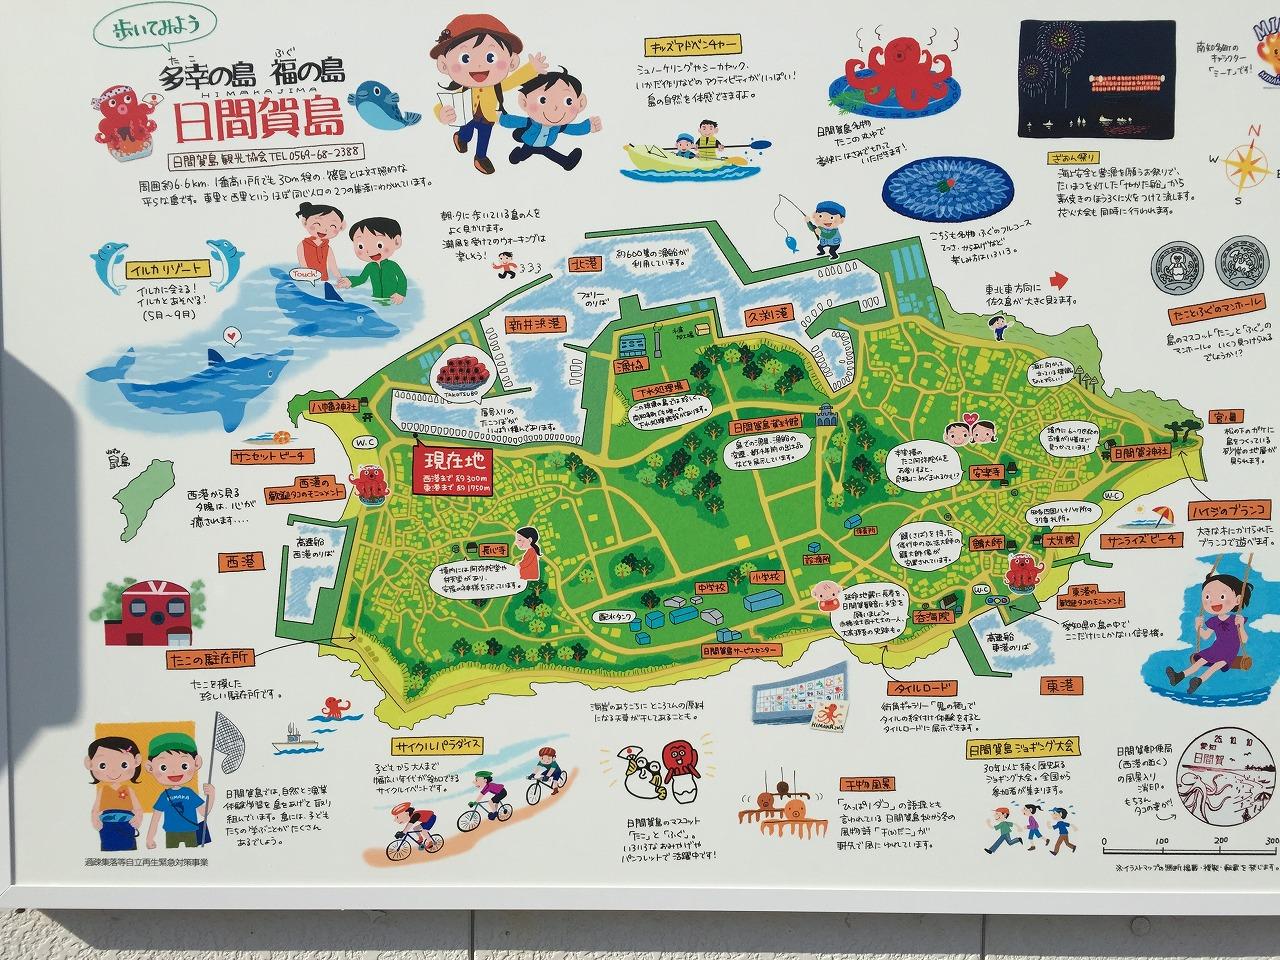 たこで有名な日間賀島